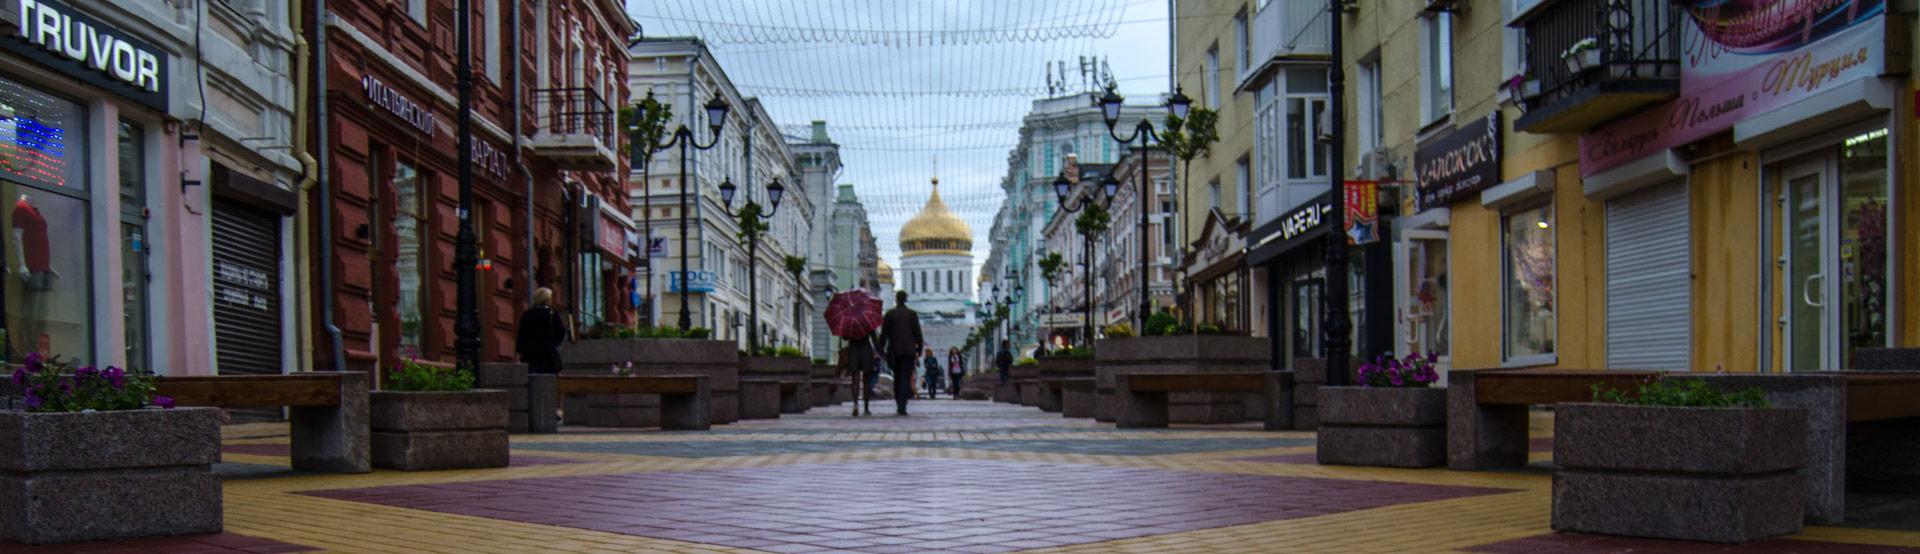 Достопримечательности Ростова-на-Дону: фото с описаниями